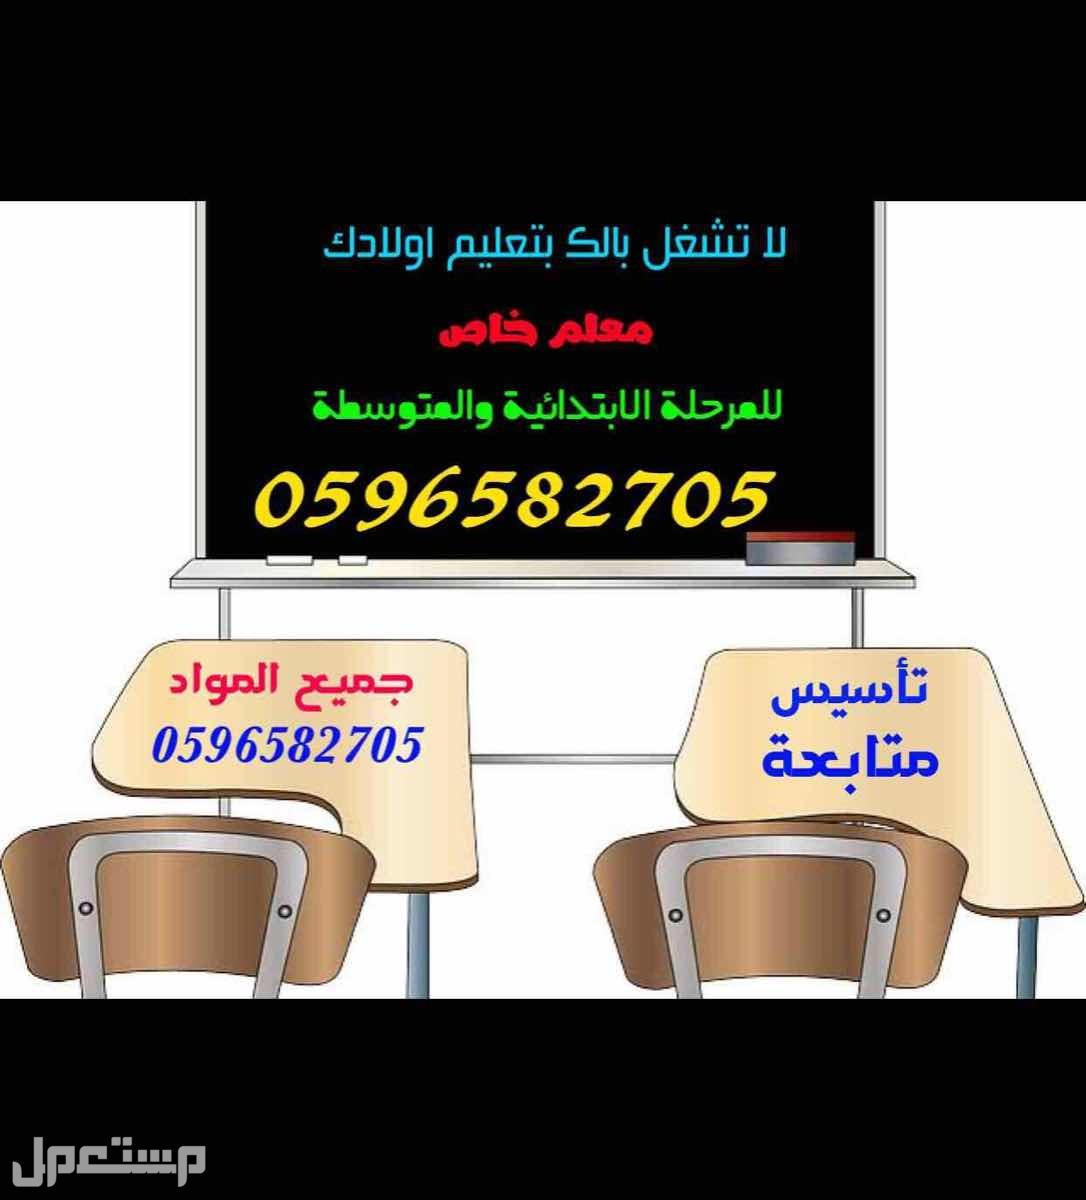 معلم تأسيس ومتابعة معلم تأسيس ومتابعة  للمرحله الابتدائيه والمتوسطه  0596582705